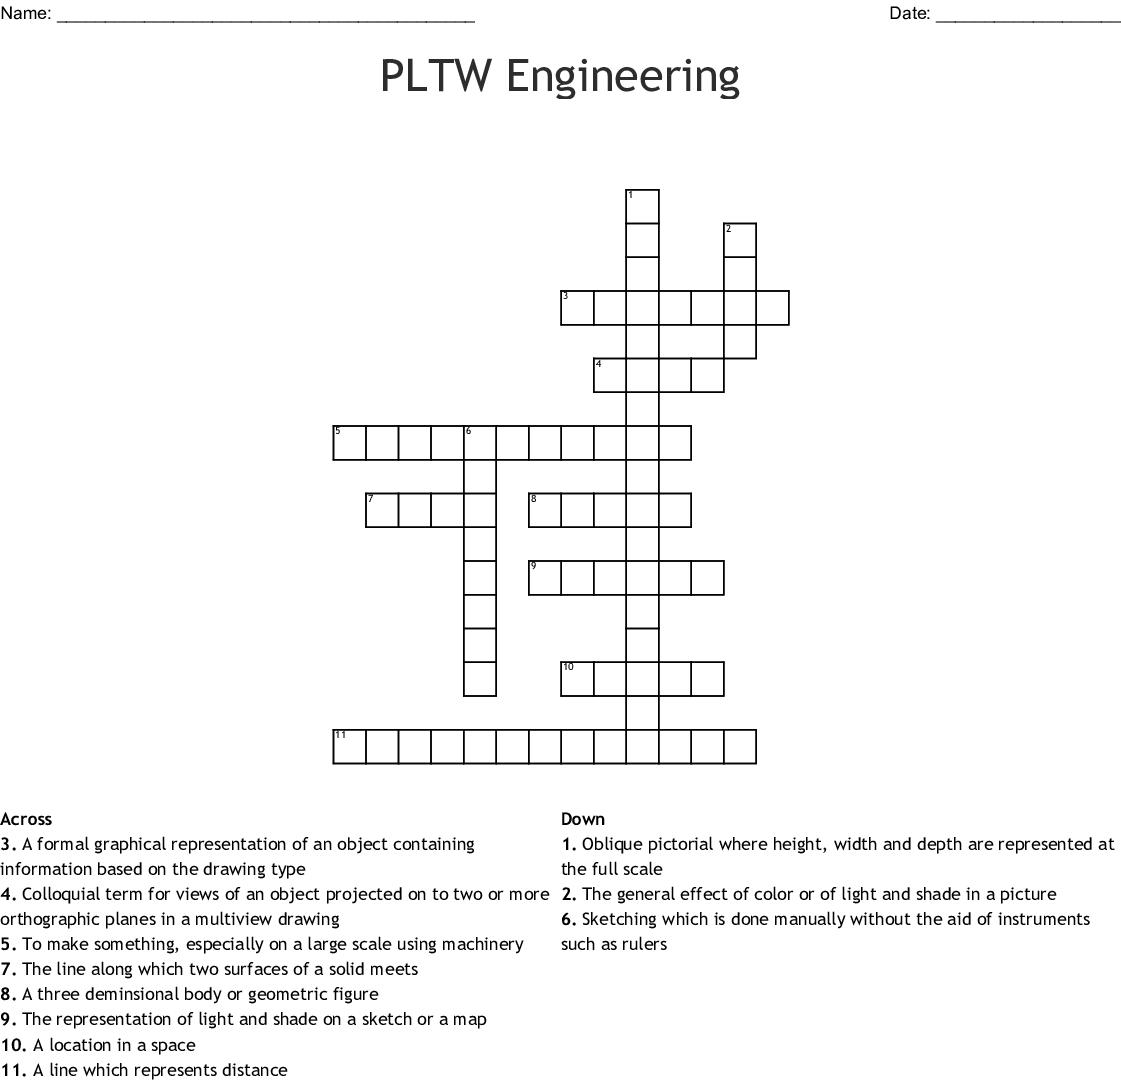 Pltw Engineering Crossword